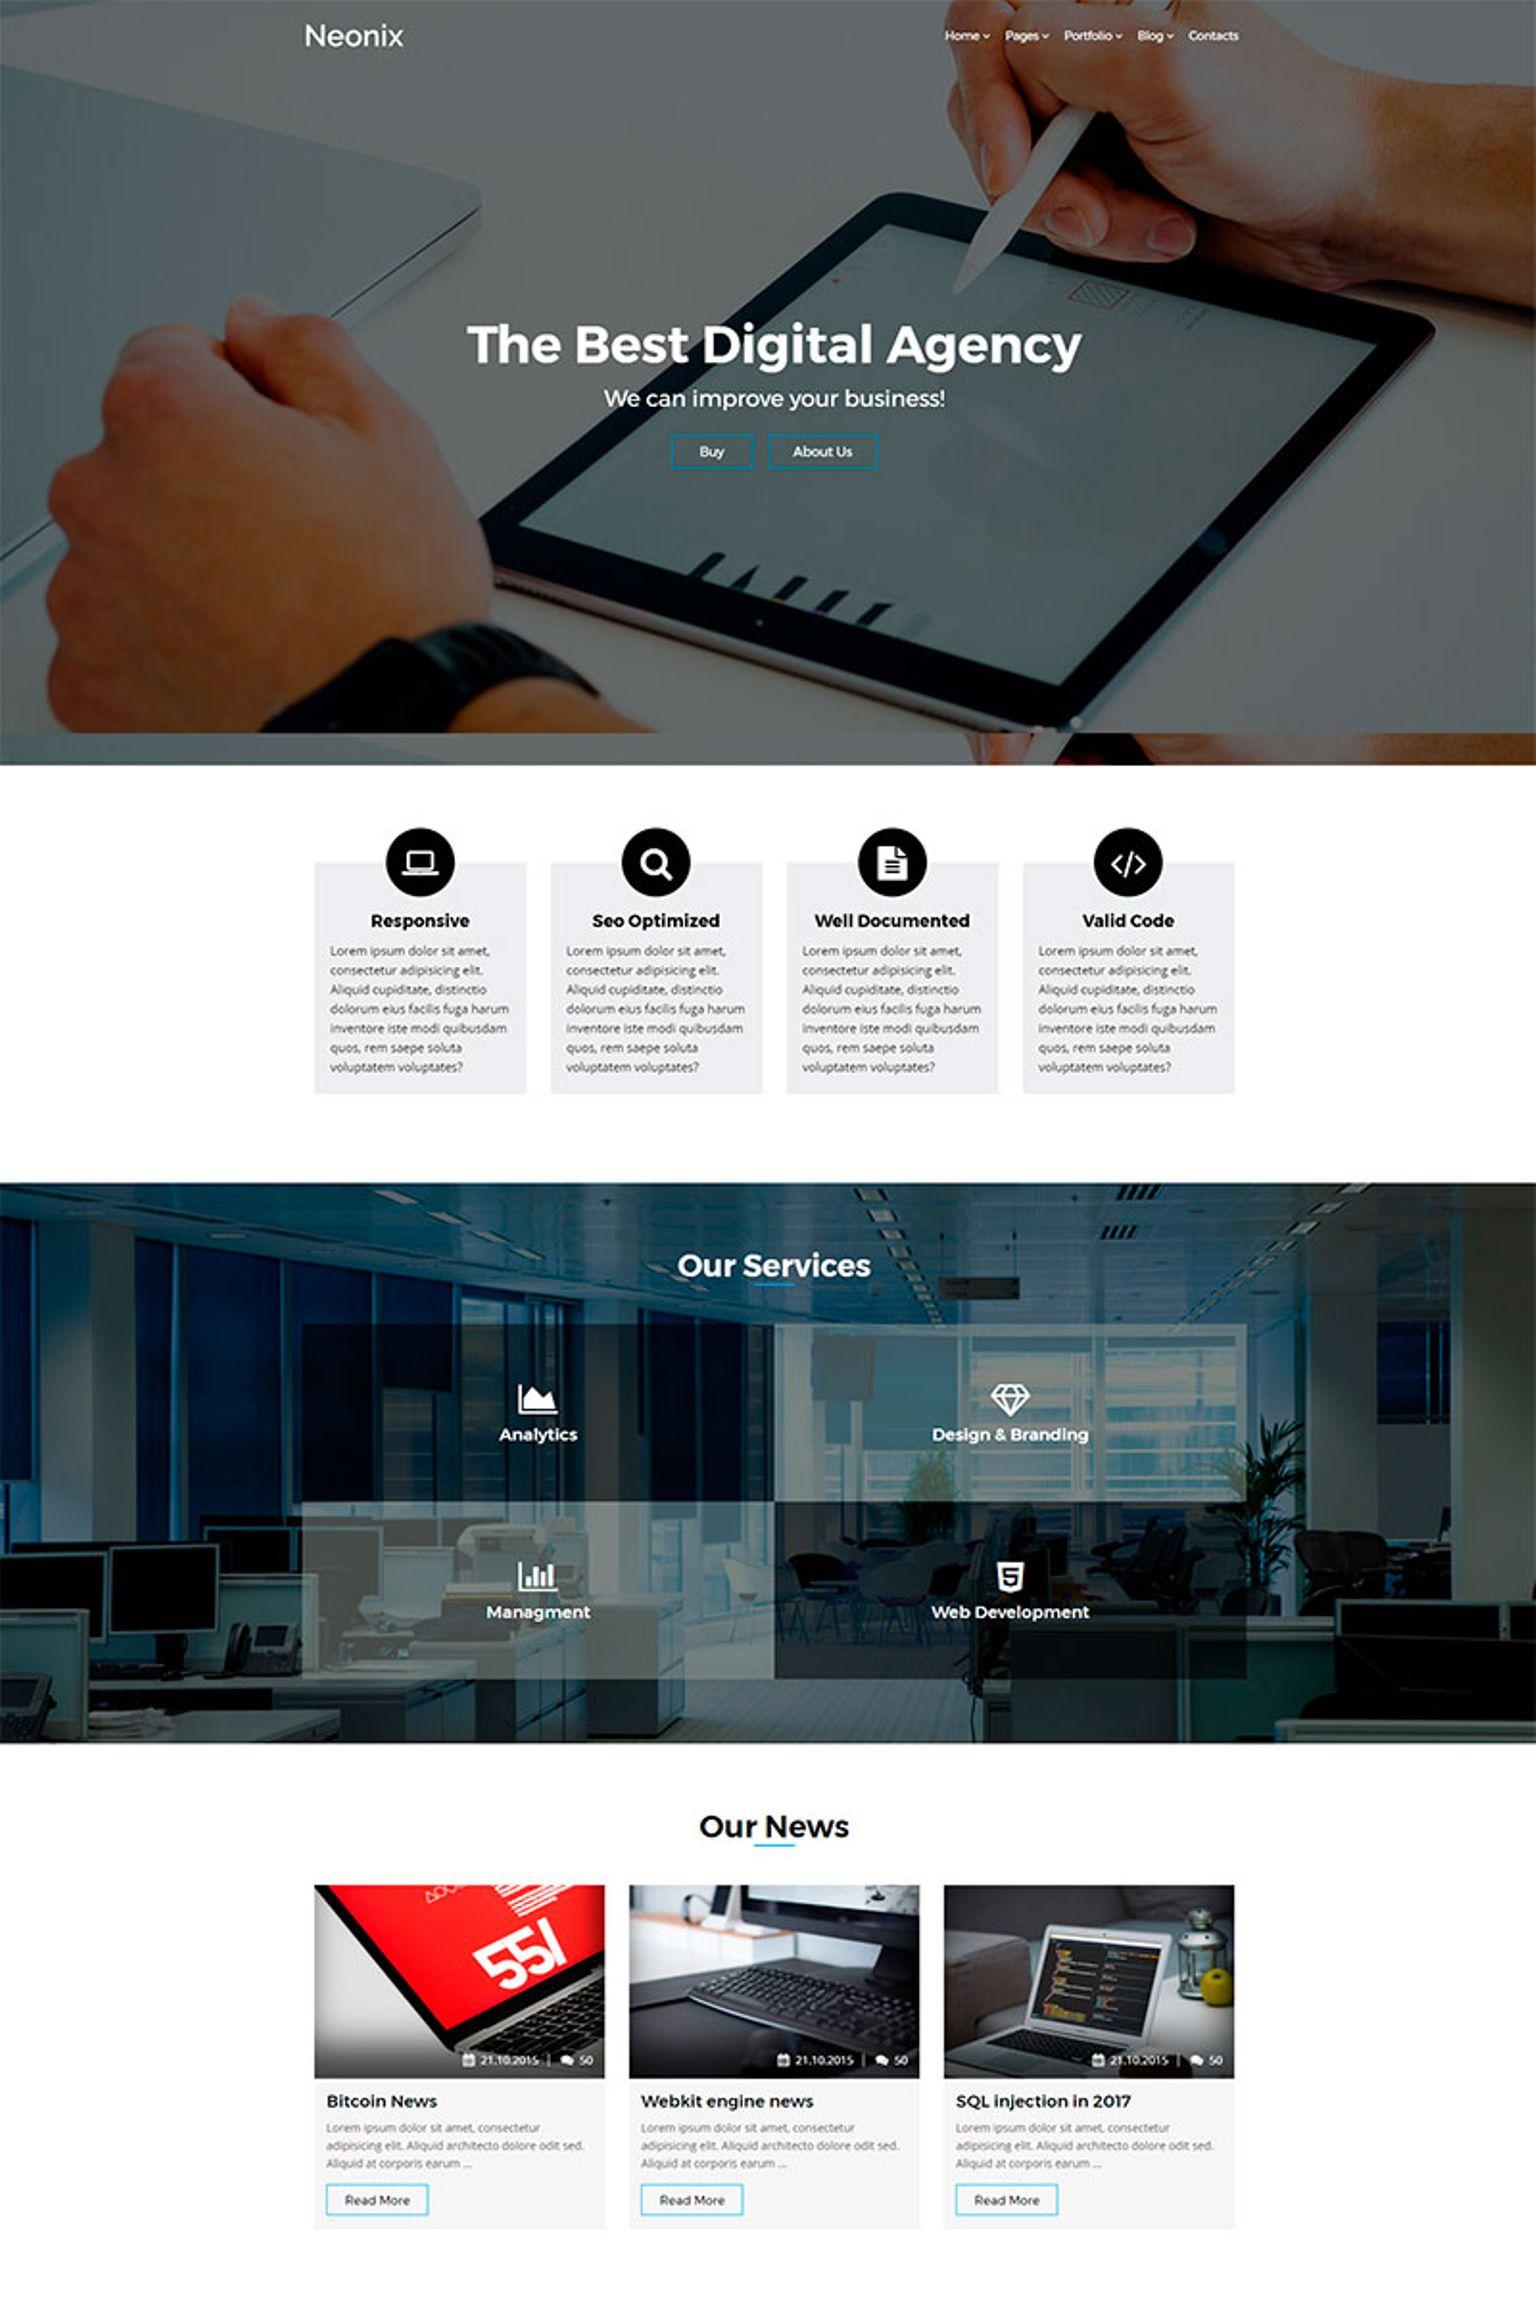 Bootstrap motyw WordPress Neonix - Digital Agency #65440 - zrzut ekranu